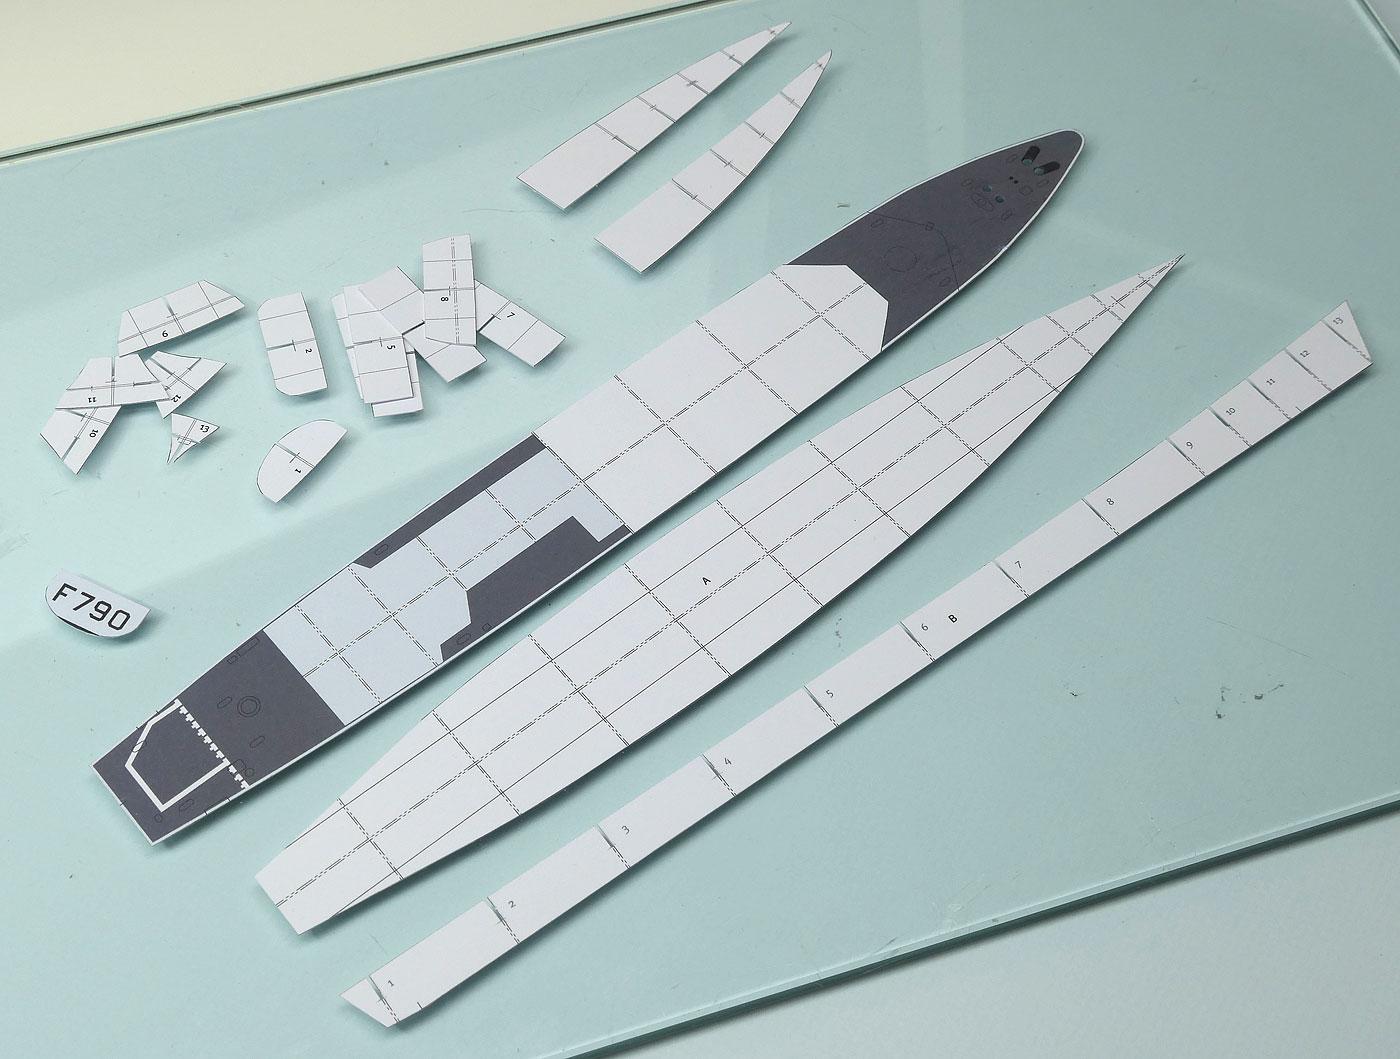 """Aviso A 69 """"Classe d'Estienne d'Orves"""" F790 Lieutenant de vaisseau Lavallée / Propre construction 1: 001-bauteile-rumpfskebhj5z"""